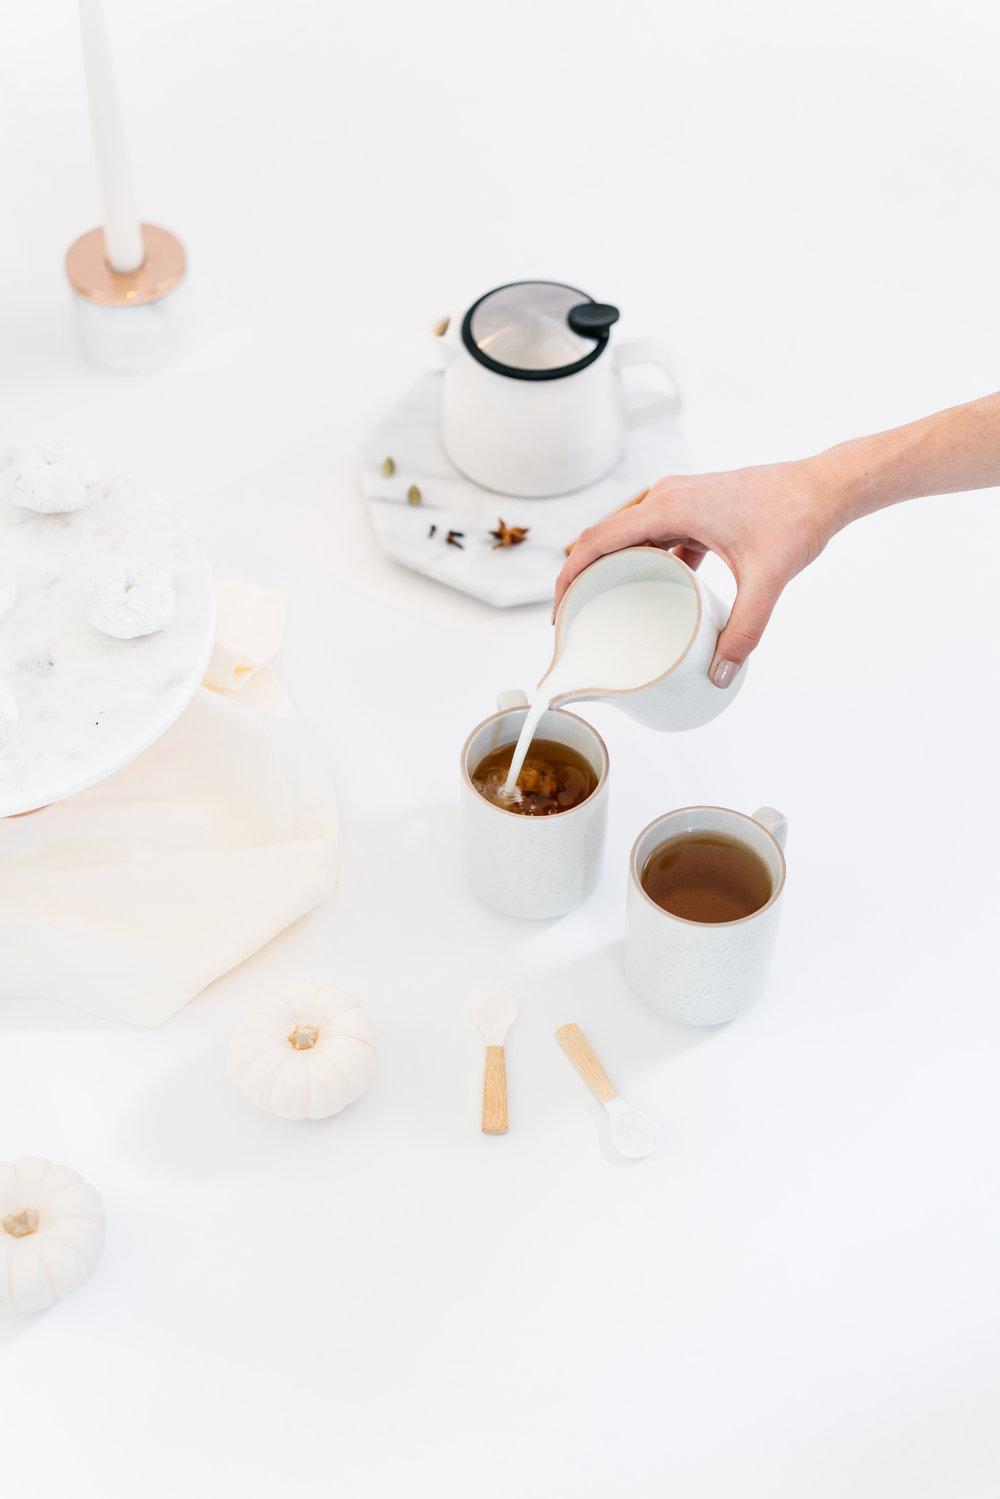 Art of Tea Fall Visuals-29.jpg